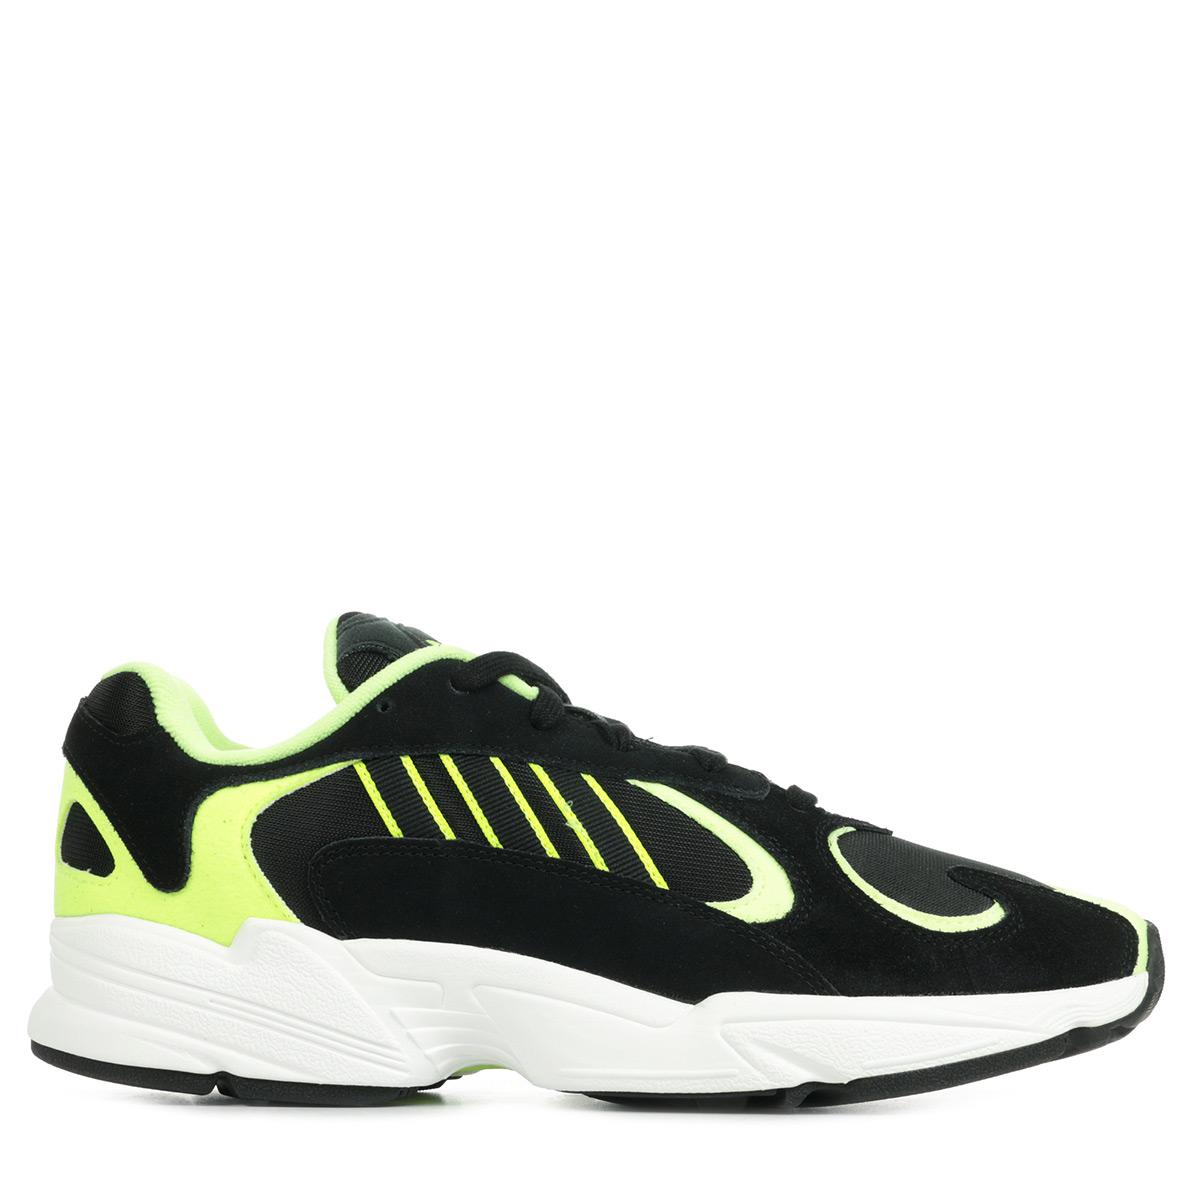 Détails sur Chaussures Baskets adidas homme Yung 1 taille Noir Noire Cuir Lacets